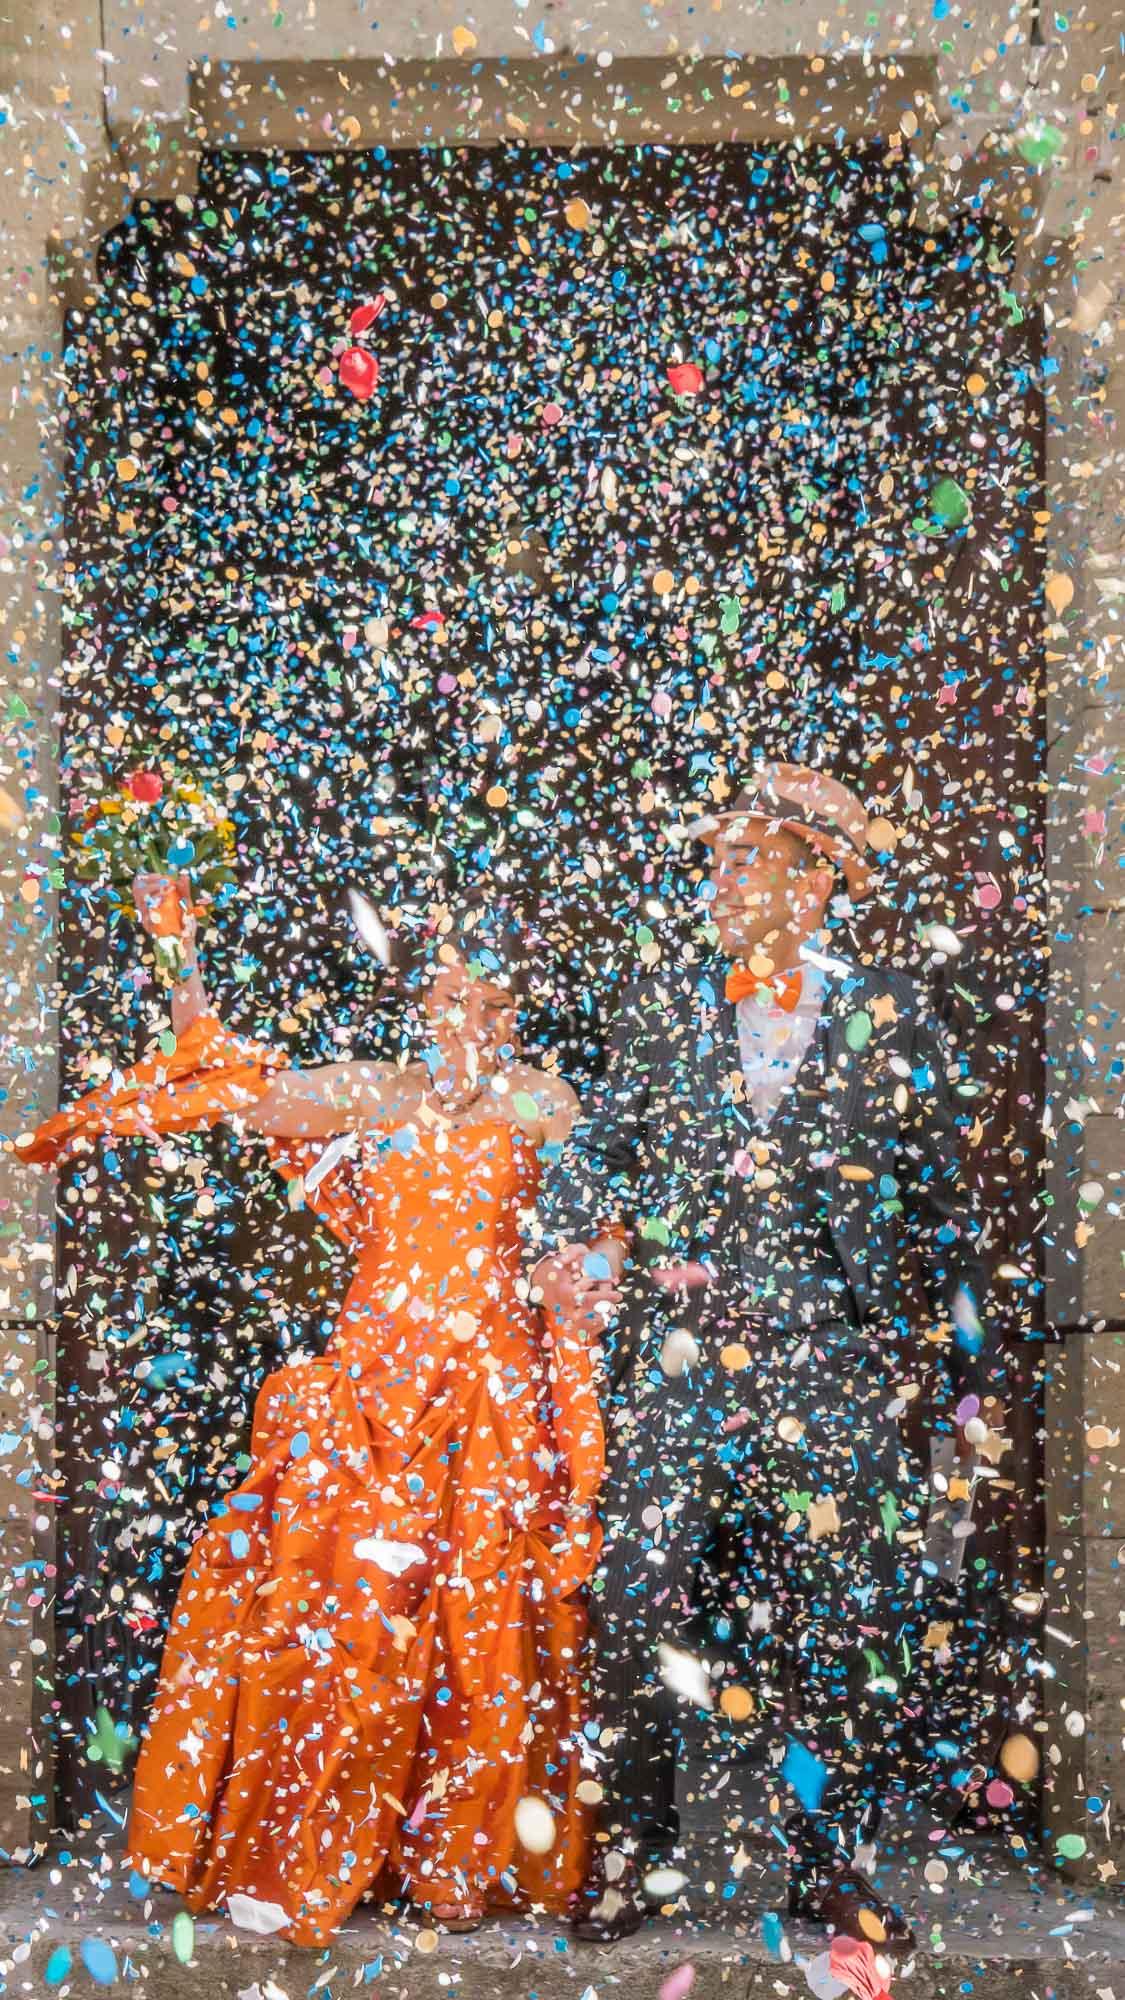 les mariés sortent de l'église sous une pluie dense et multicolore de confettis